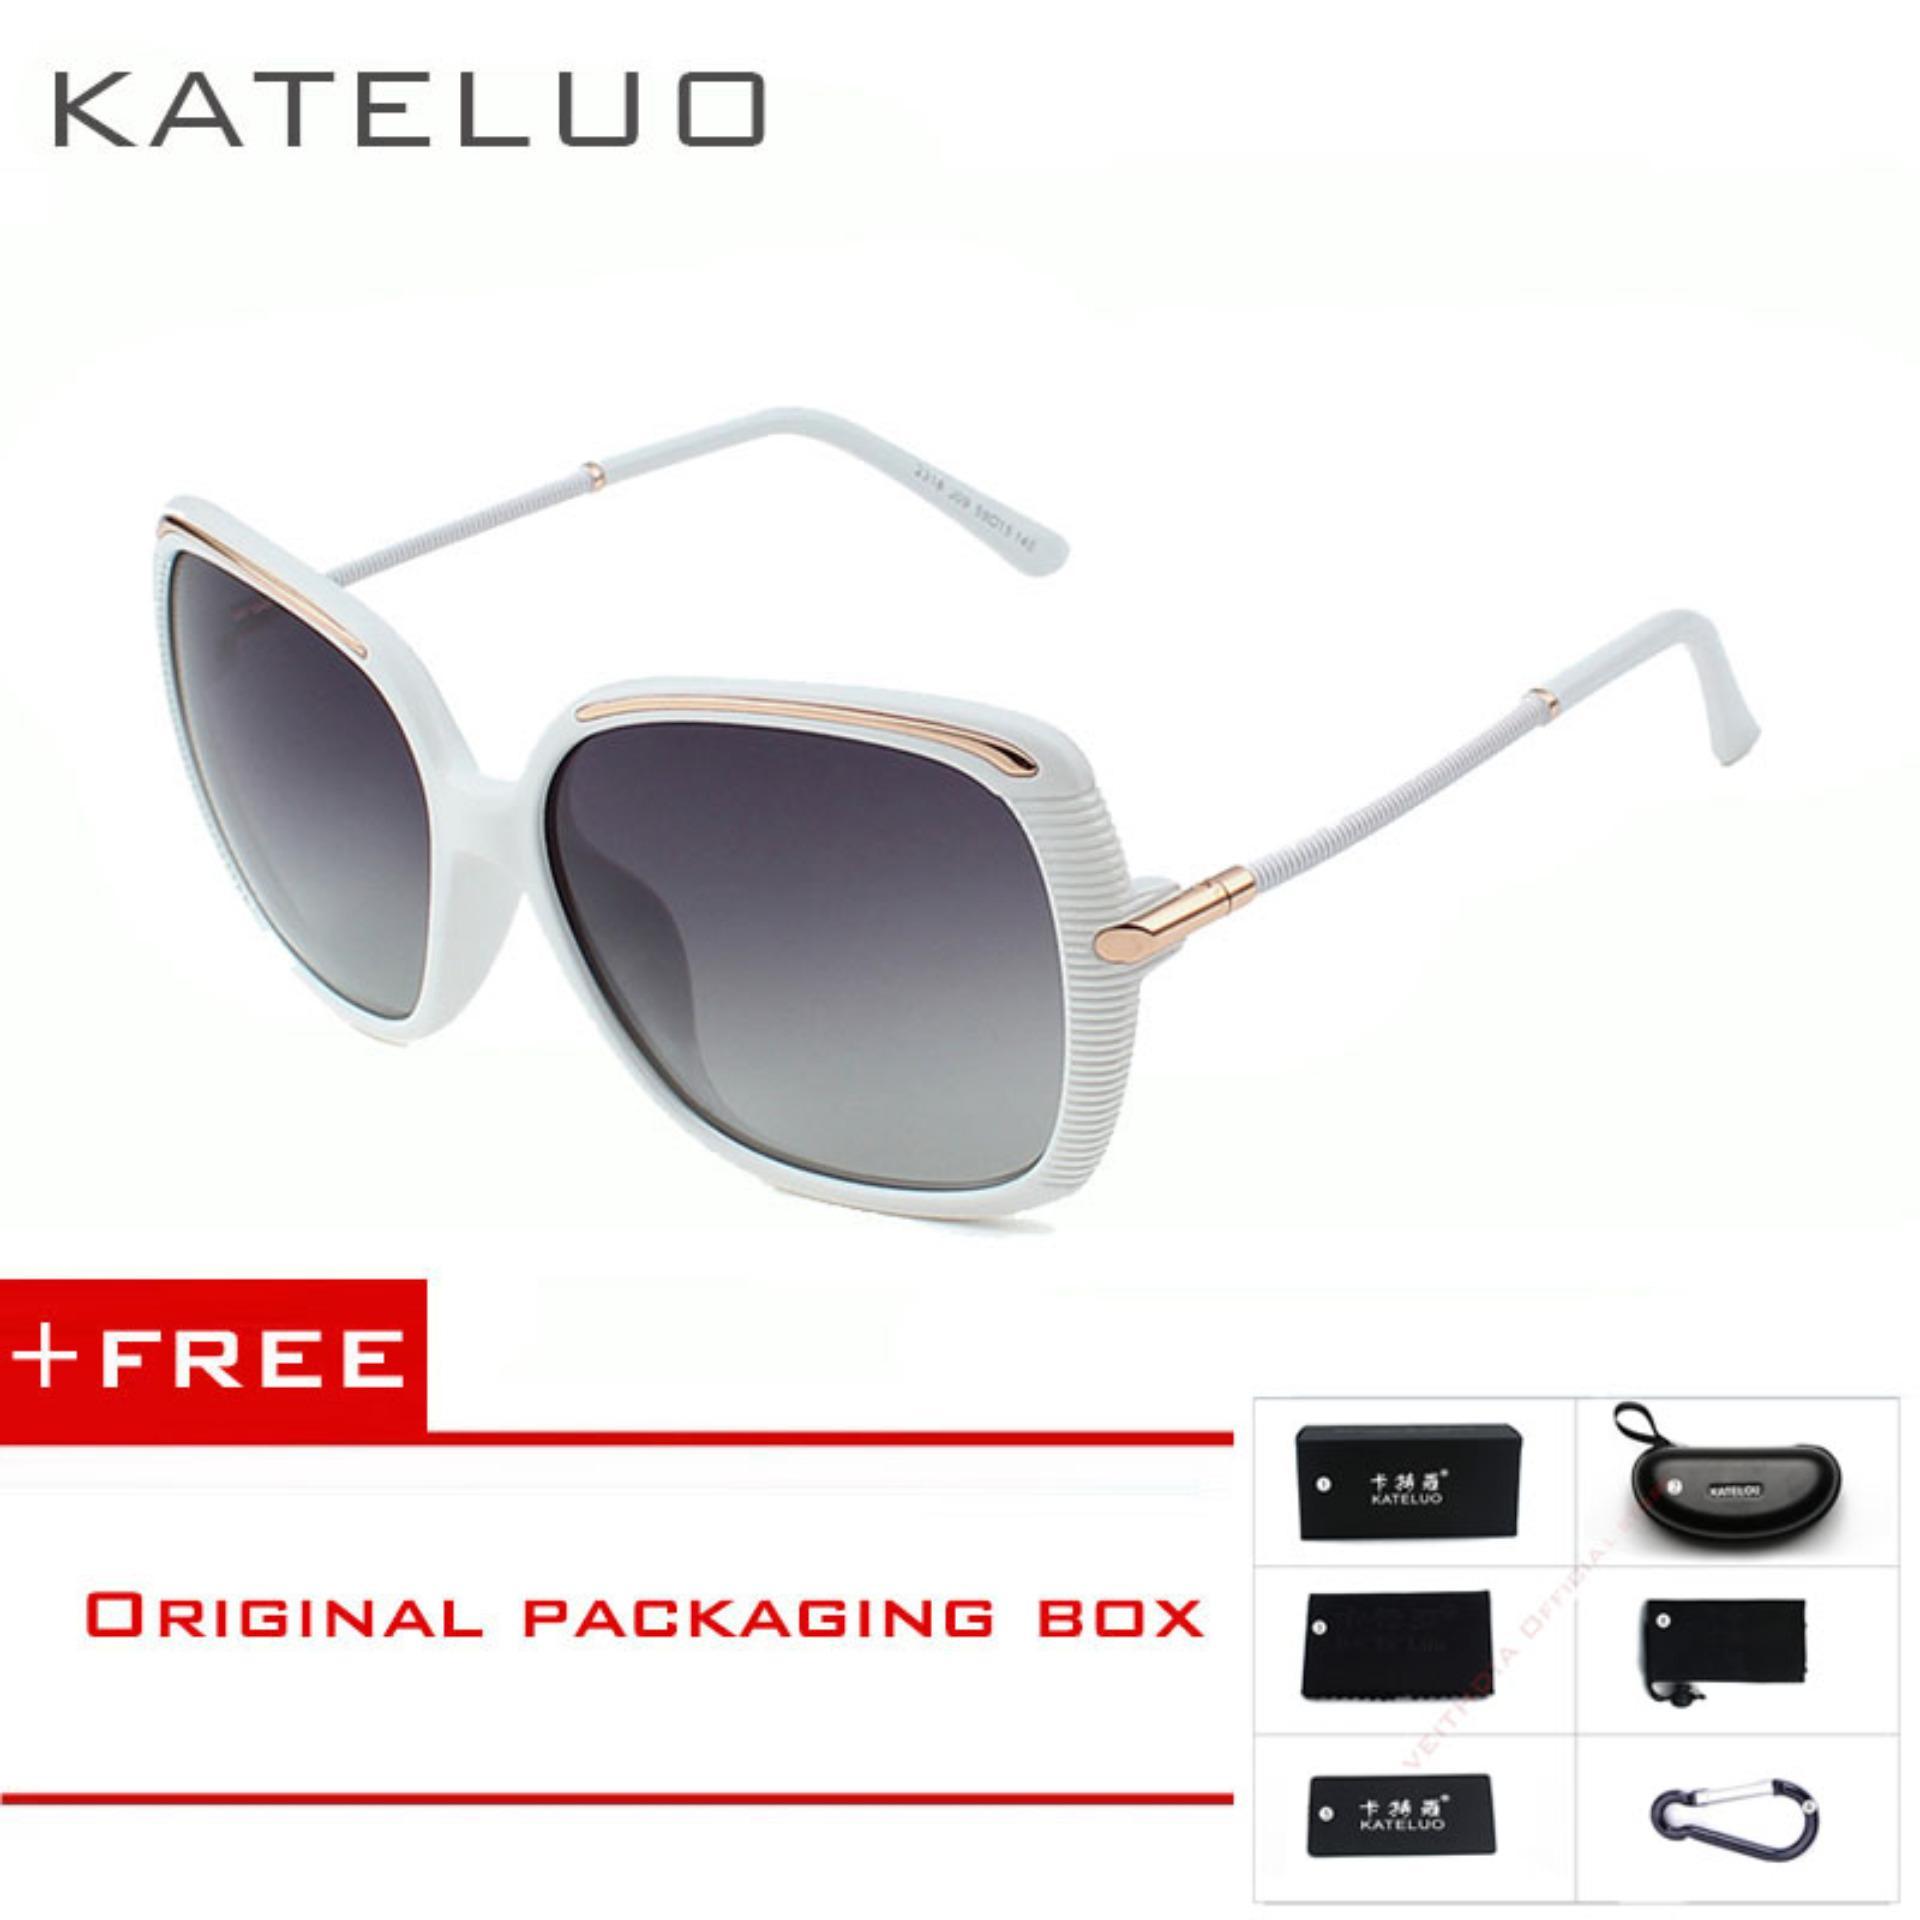 KATELUO Retro Kacamata Hitam Asetat Bingkai Cermin Lensa Terpolarisasi  Sopir Kacamata Matahari Kacamata Aksesoris untuk Wanita 232872075e